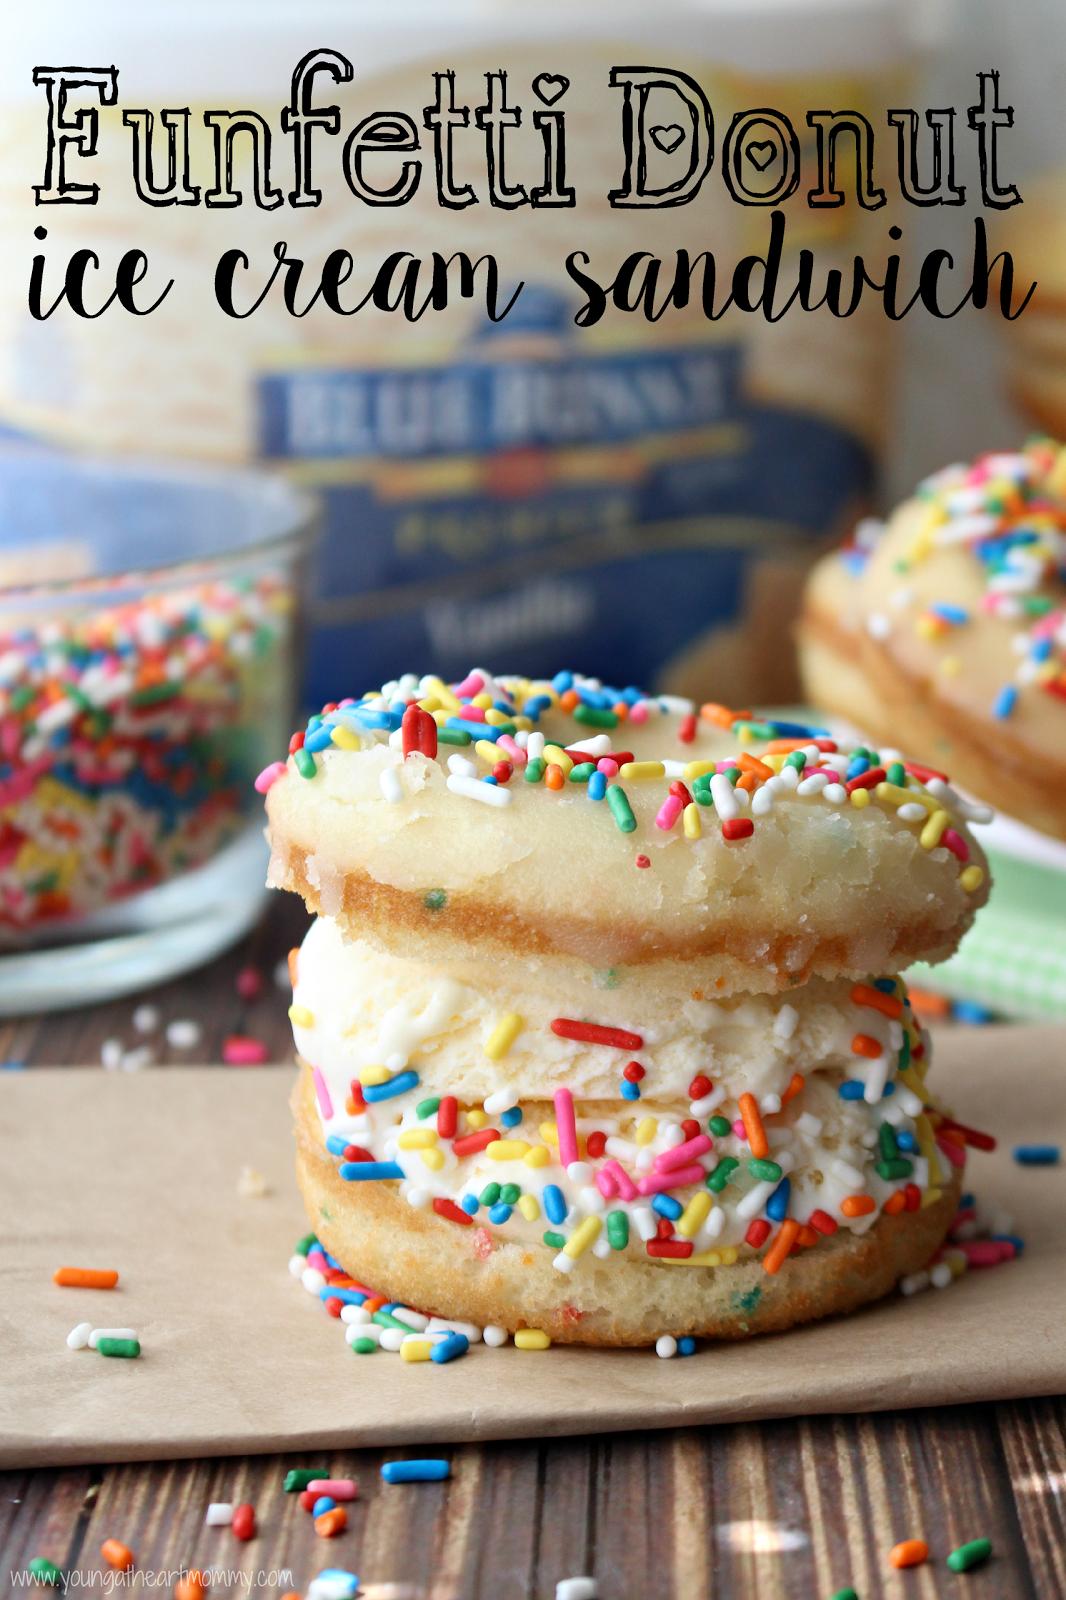 Funfetti donut ice cream sandwiches recipes pinterest donut funfetti donut ice cream sandwiches ccuart Gallery